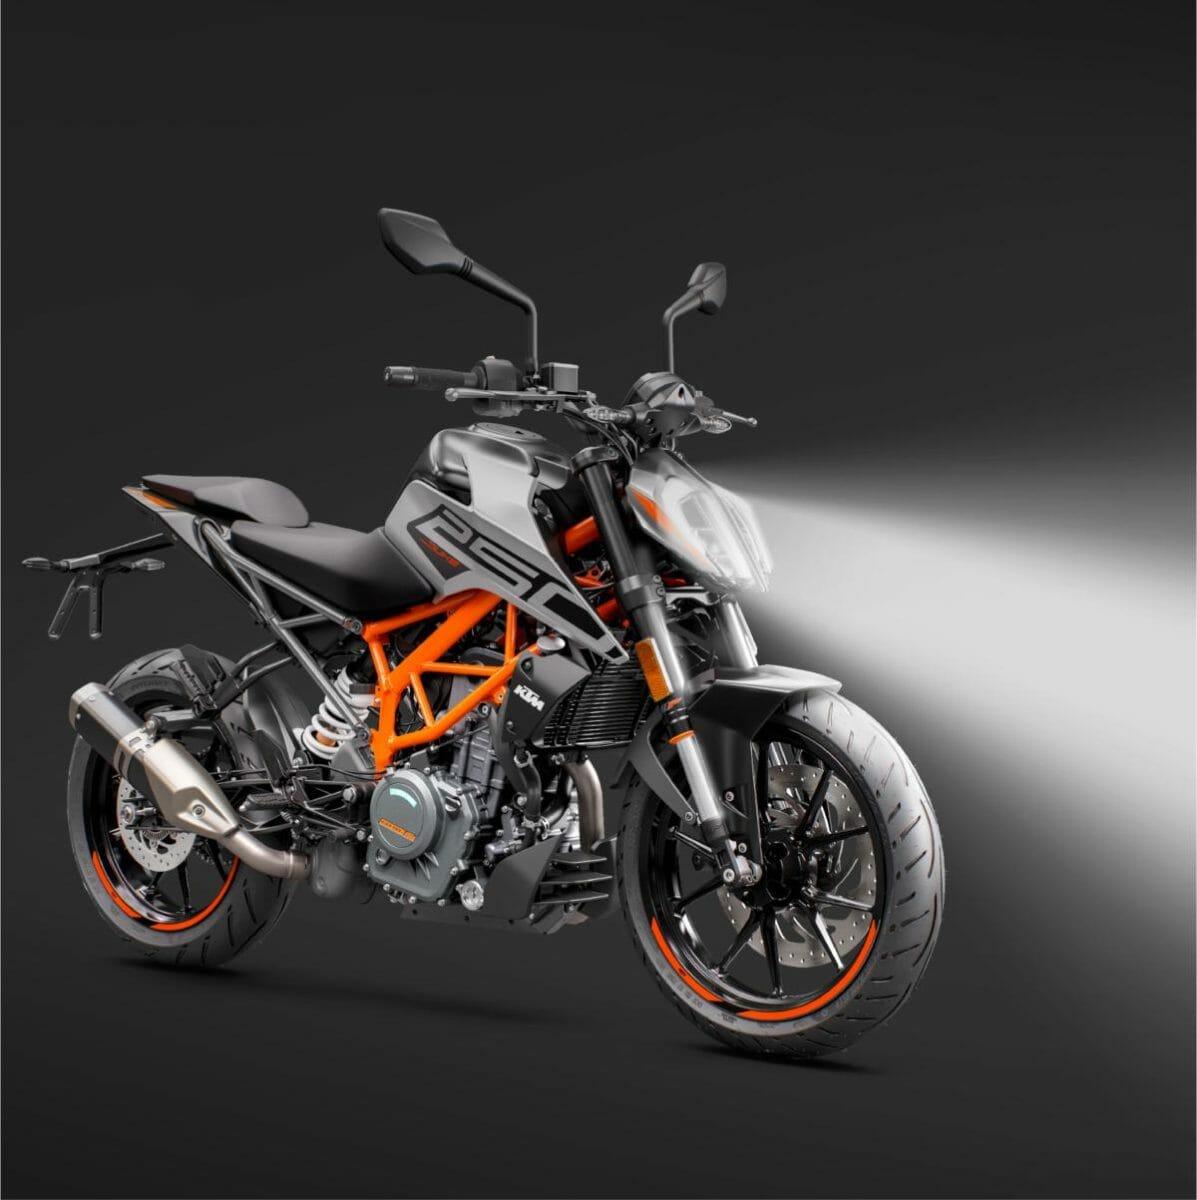 KTM 250 DUKE LED HL Graphical